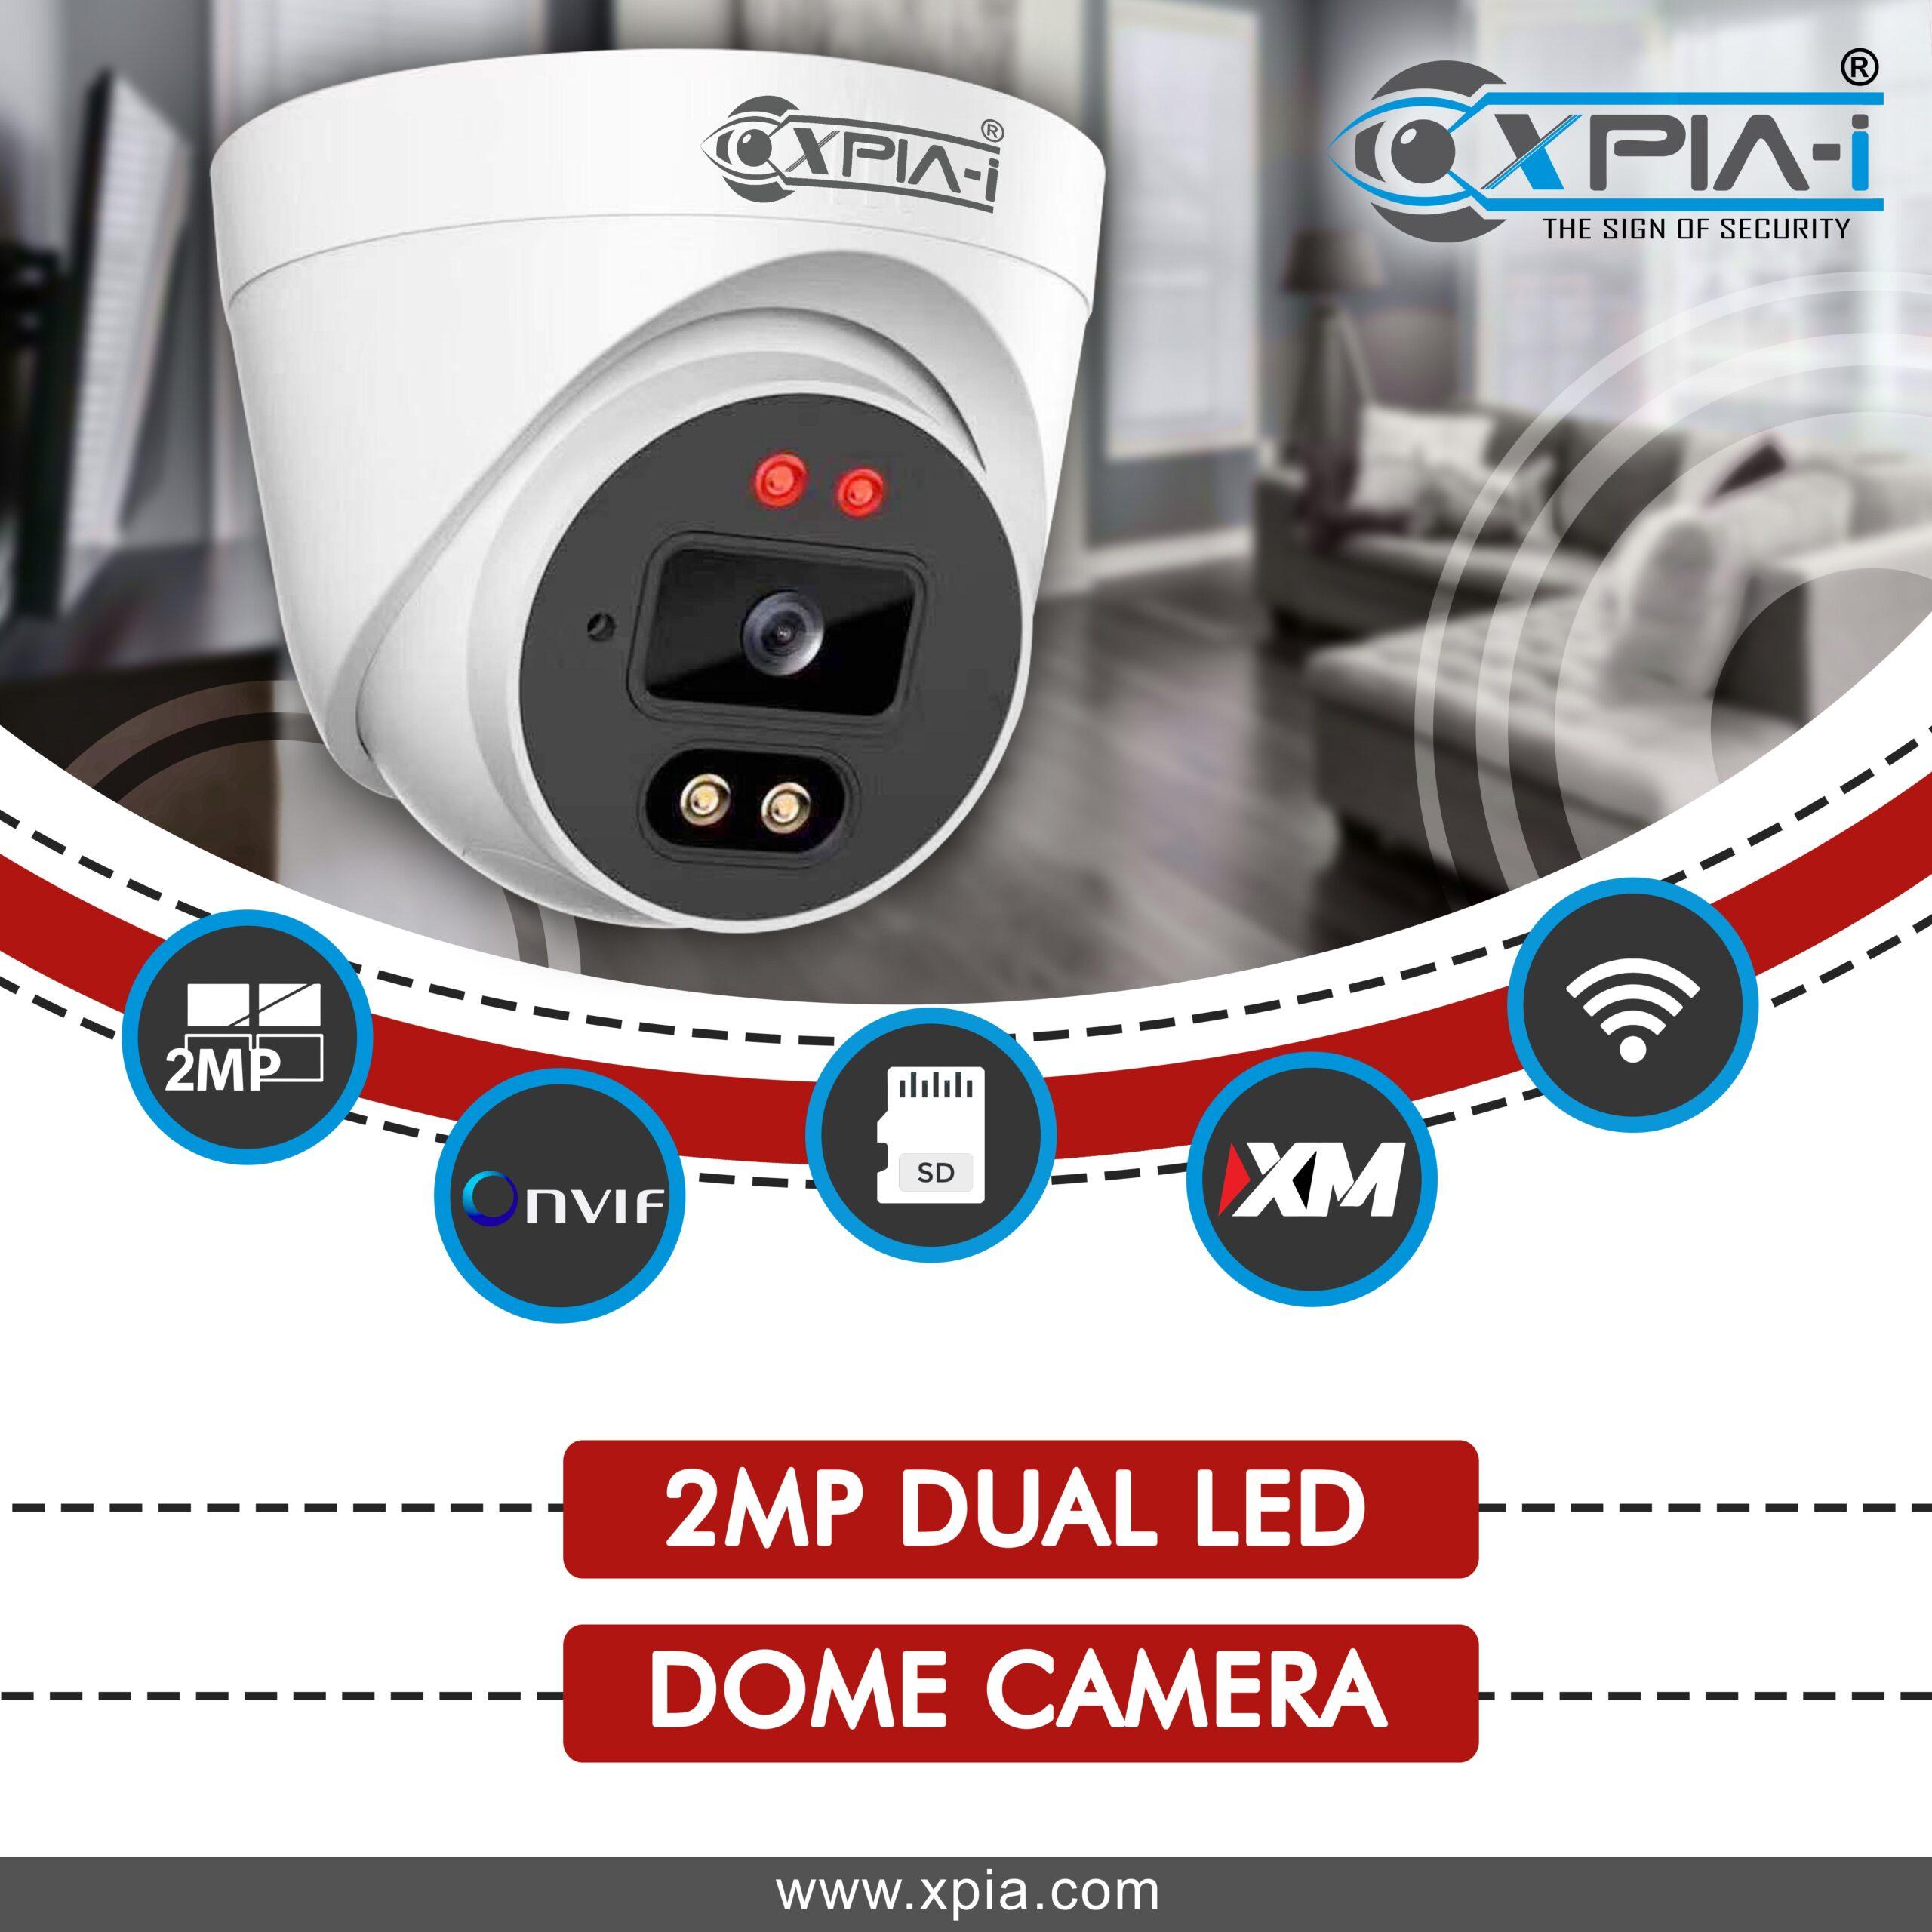 2 DUAL LED Dome Camera